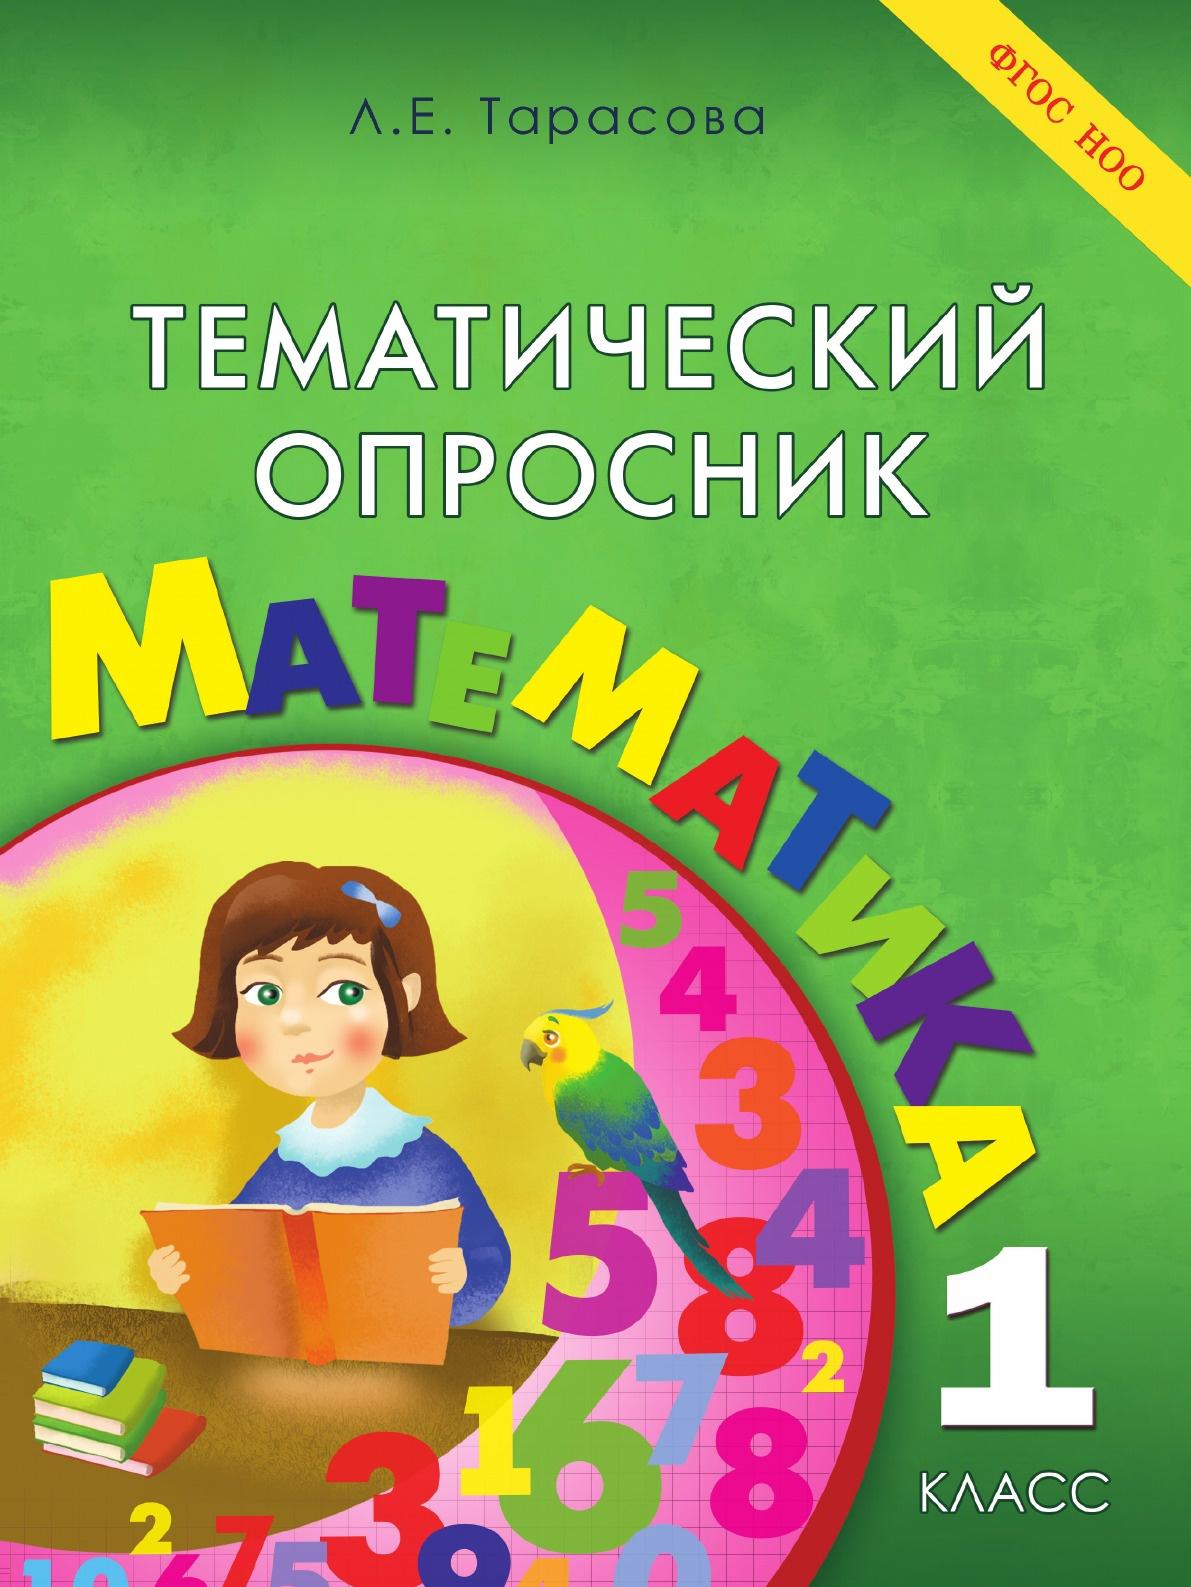 Тарасова Л.Е. Тематический опросник по математике. 1-й класс. ФГОС тарасова л е тематический опросник по математике 3 класс фгос